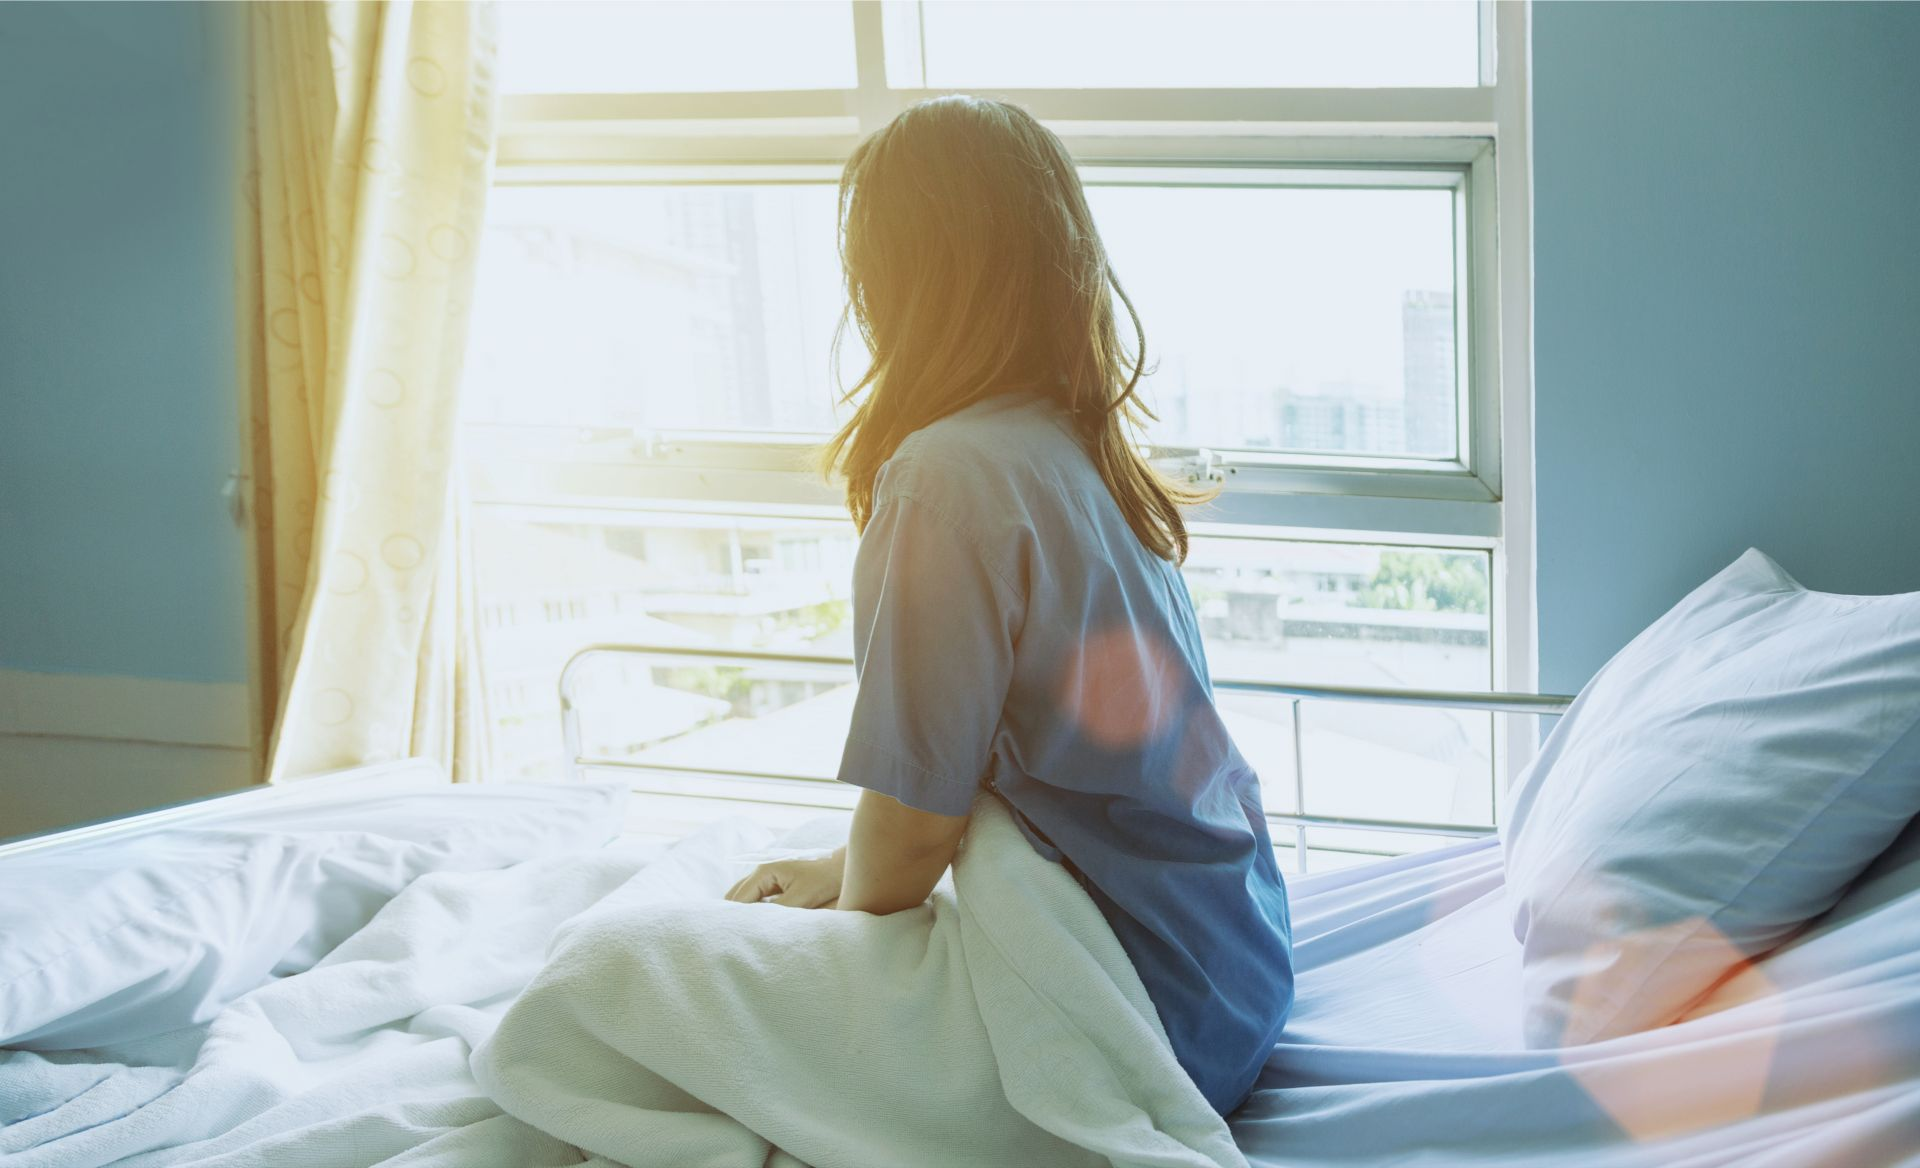 更年期易卵巢癌!癌細胞生長4階段:月經改變、呼吸困難和胃食道逆流7症狀速就醫